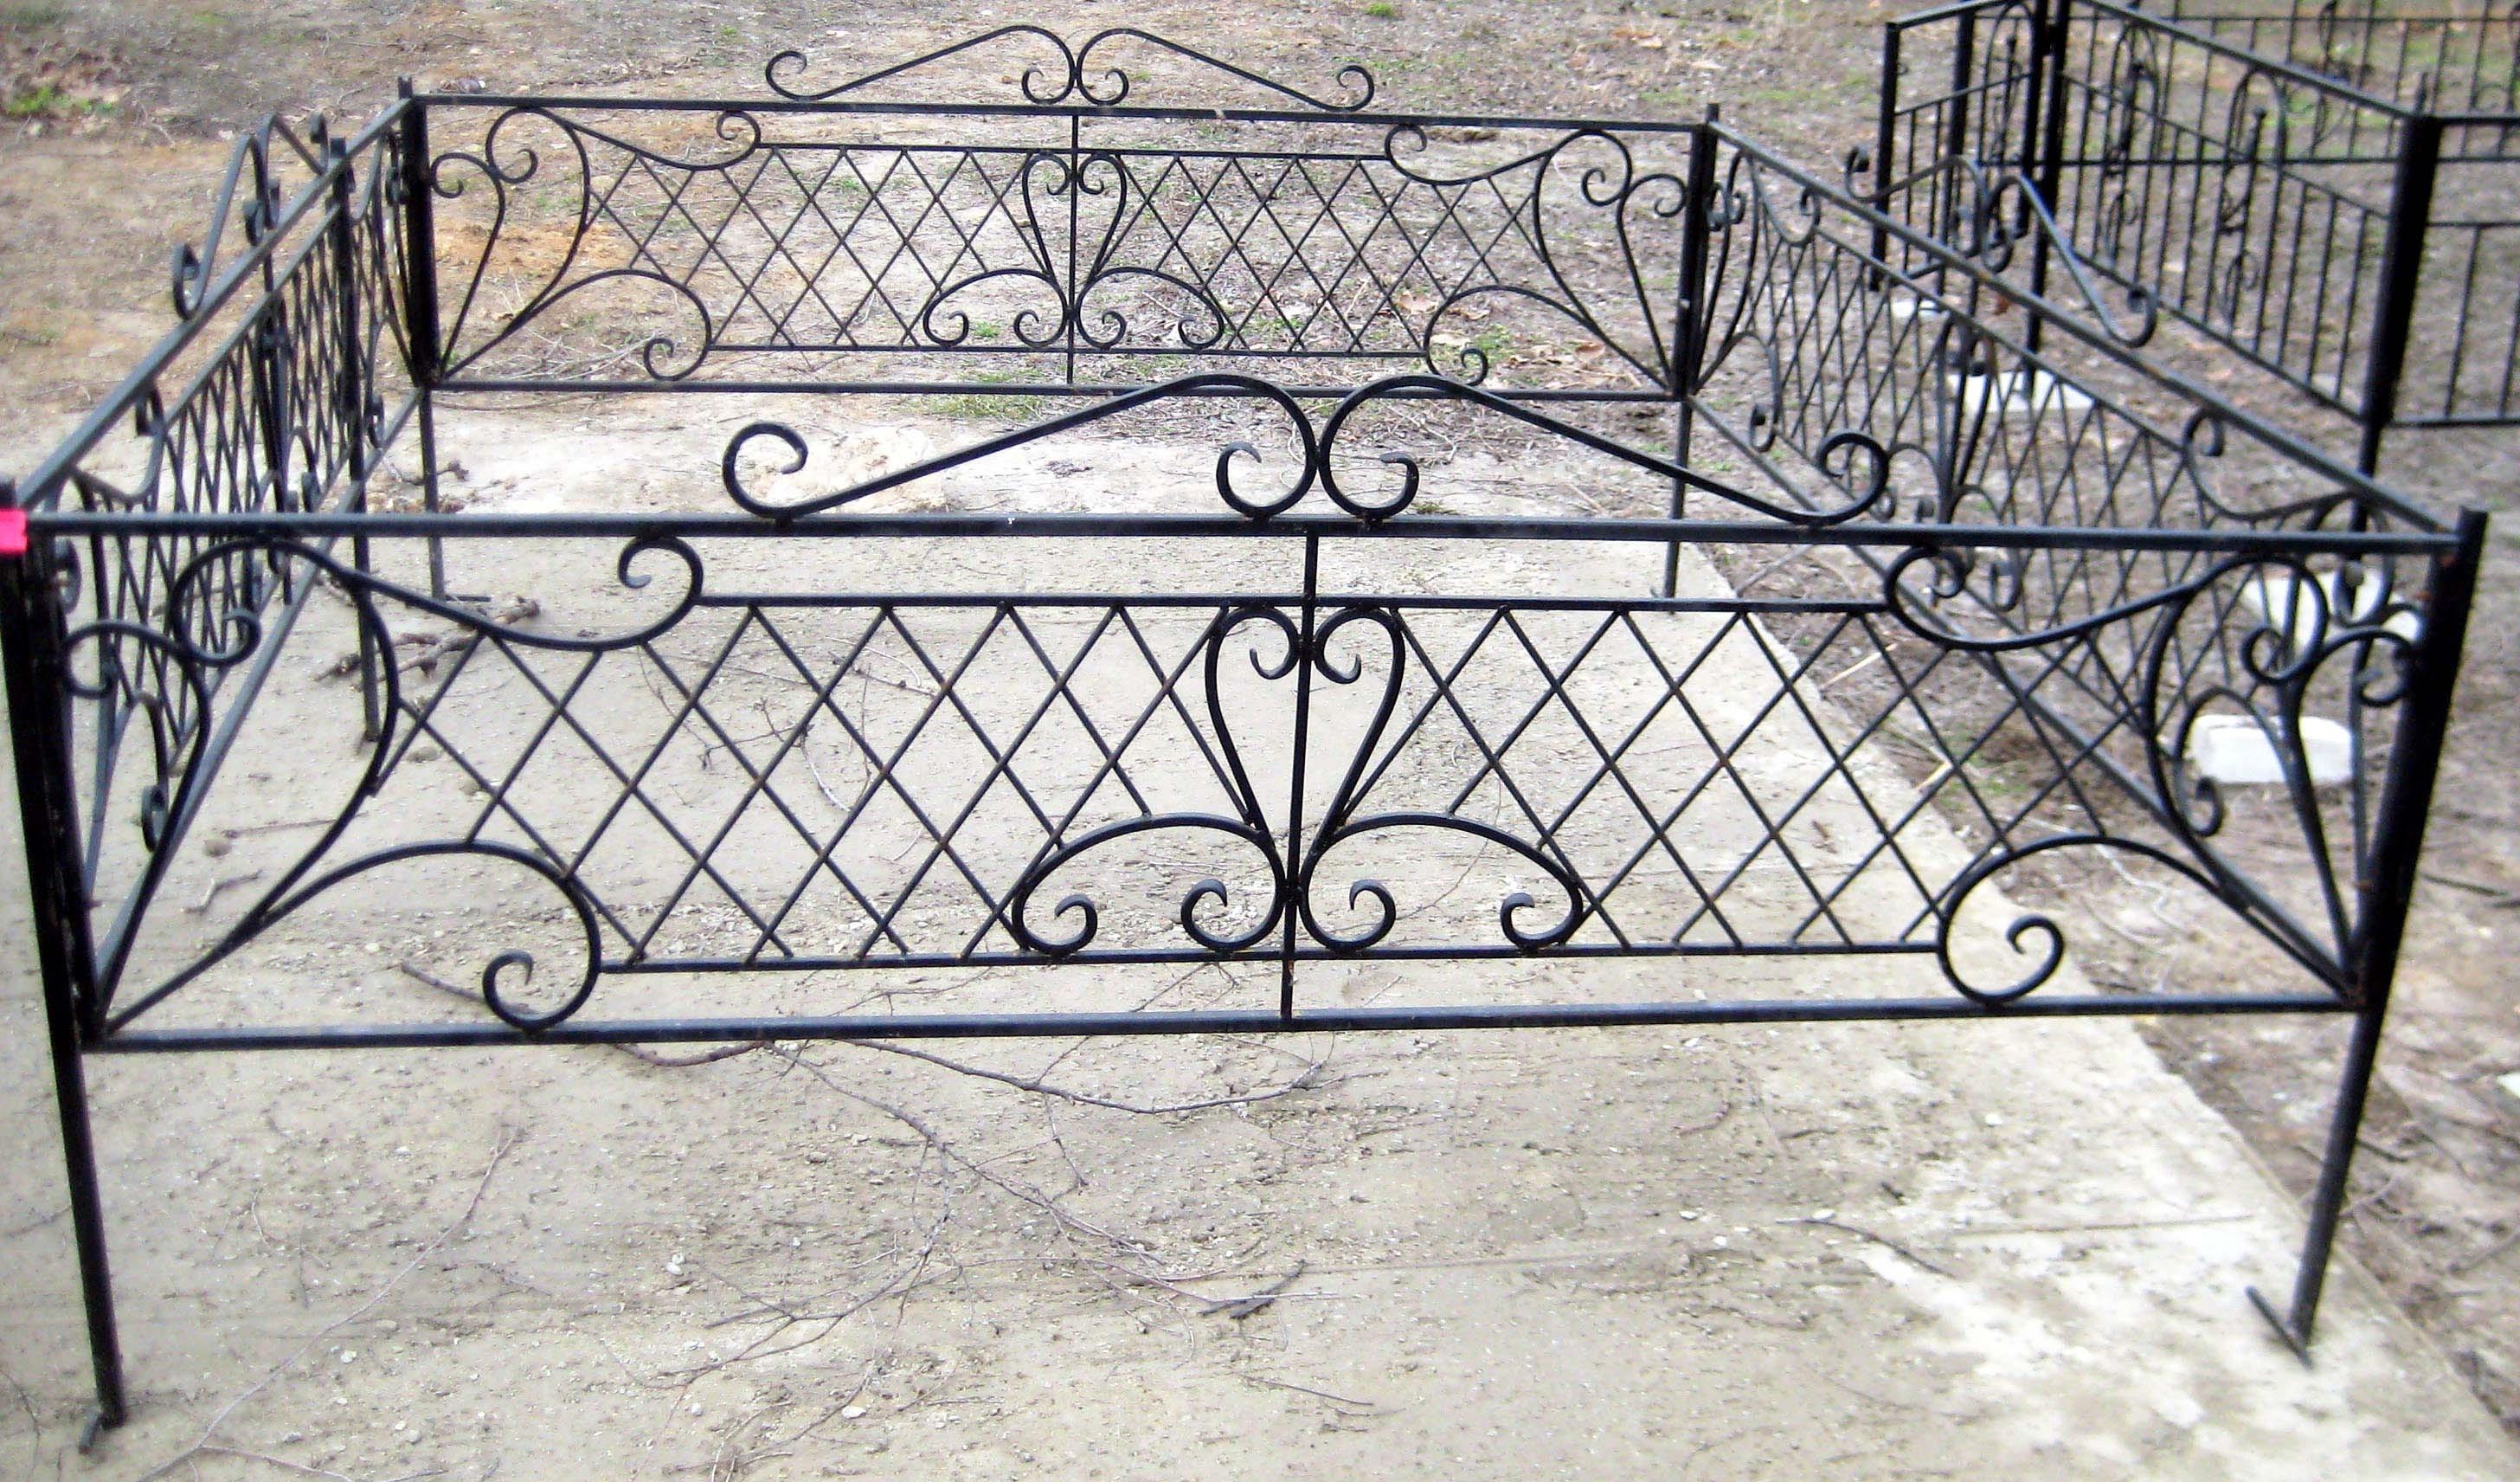 купить ограду на могилу